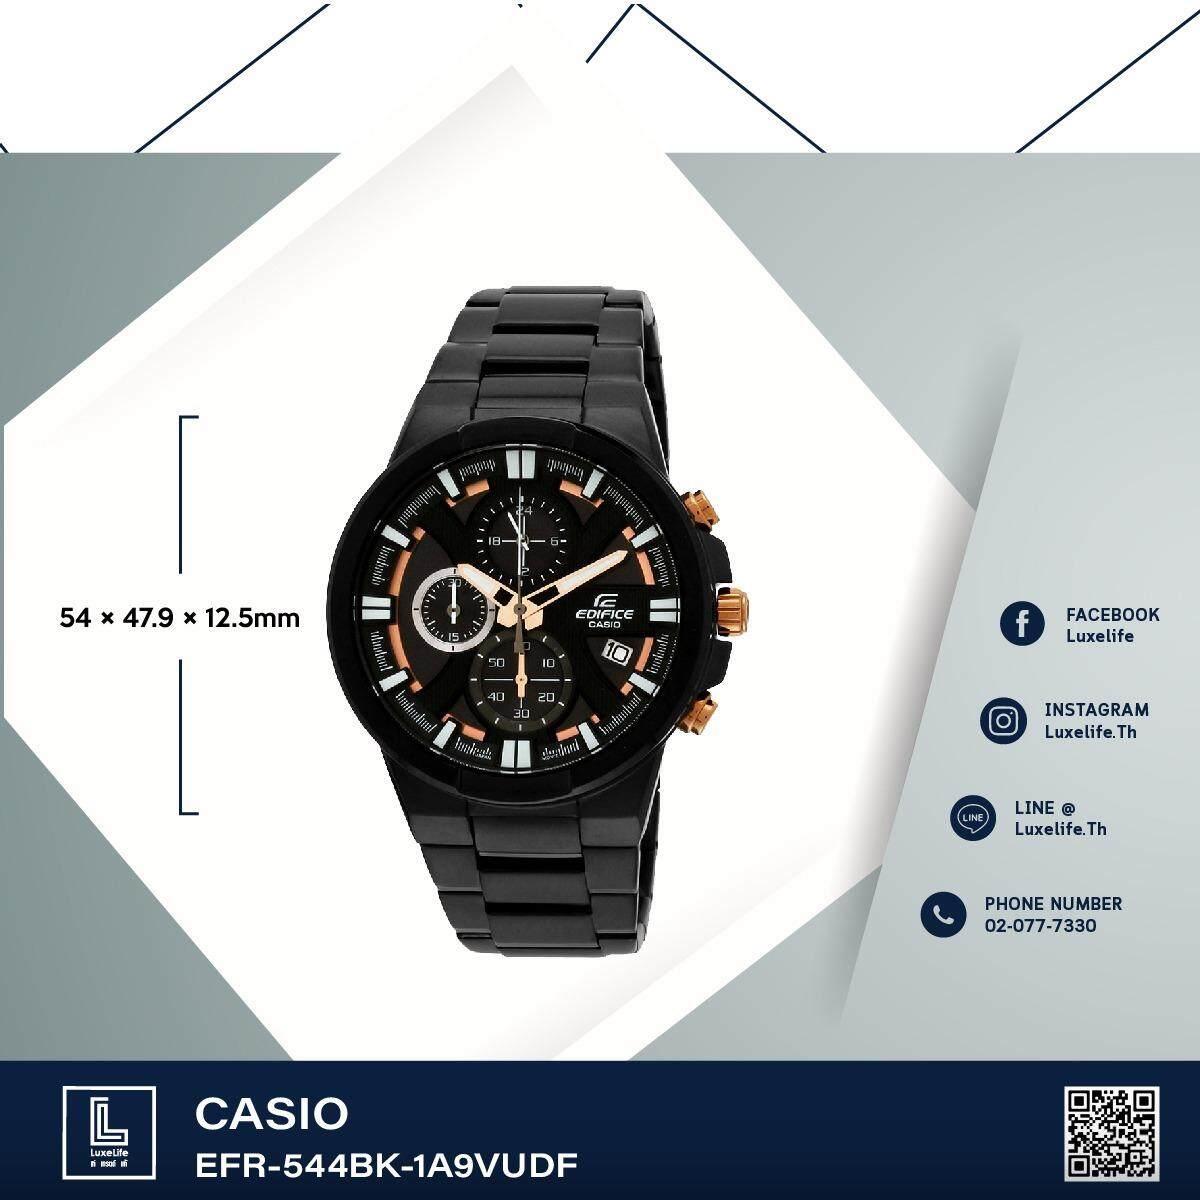 ขาย ซื้อ นาฬิกาข้อมือ Casio รุ่น Efr 544Bk 1A9Vudf Edifice นาฬิกาข้อมือสุภาพบุรุษ สายสเตนเลส สีดำ